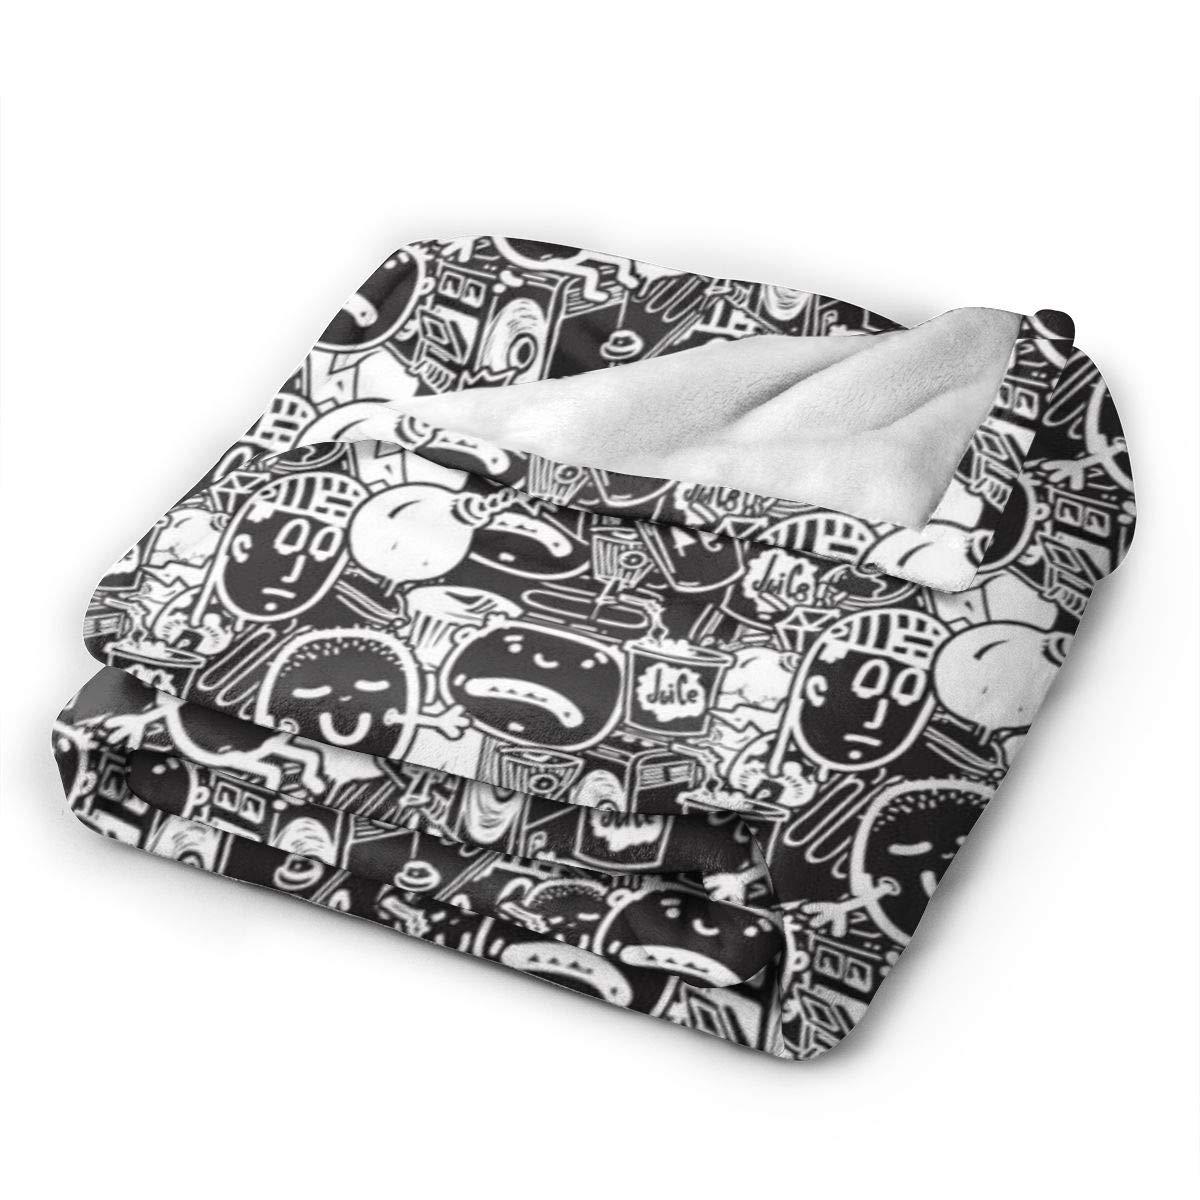 ブランケット ヒップホップオリジナルユースパターン 毛布 フランネル ブランケット 柔軟軽量発熱 吸湿/静電気防止/洗える 軽量 抗菌防臭 防ダニ加工